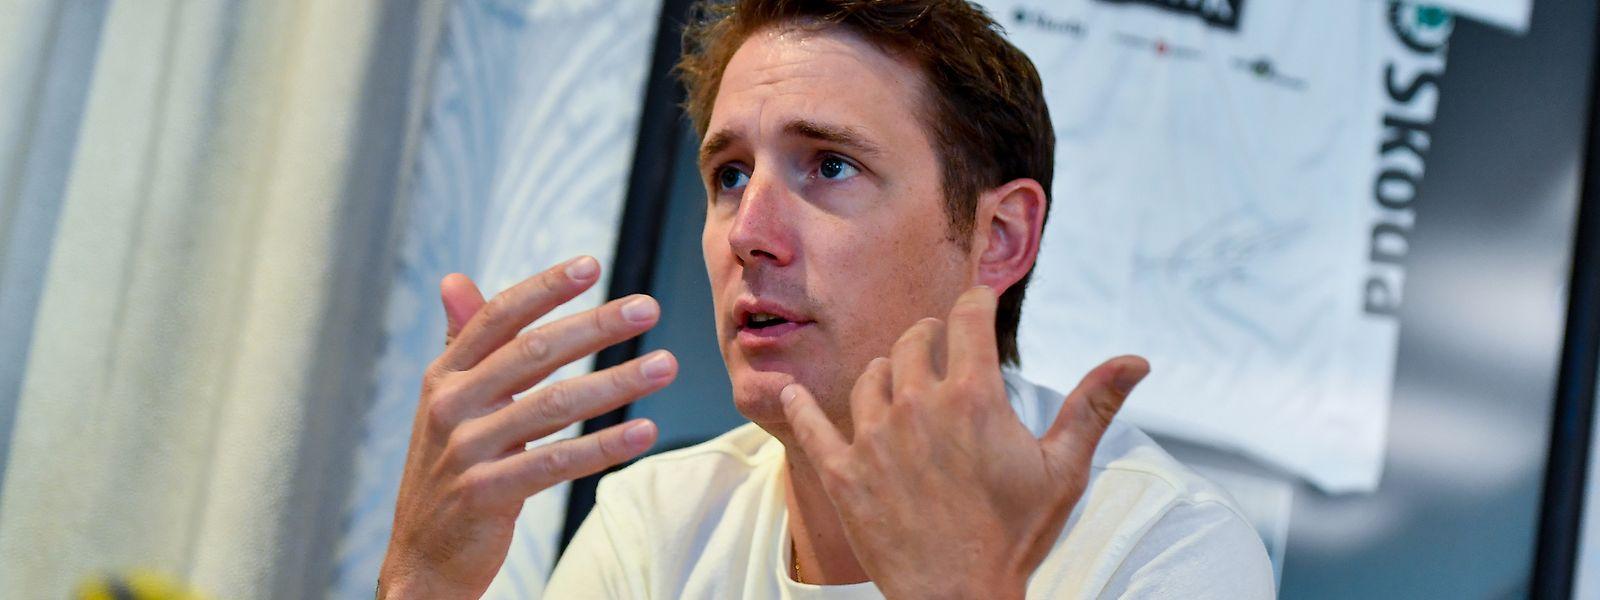 Andy Schleck erinnert sich ganz genau an den Verlauf der Tour de France 2010.